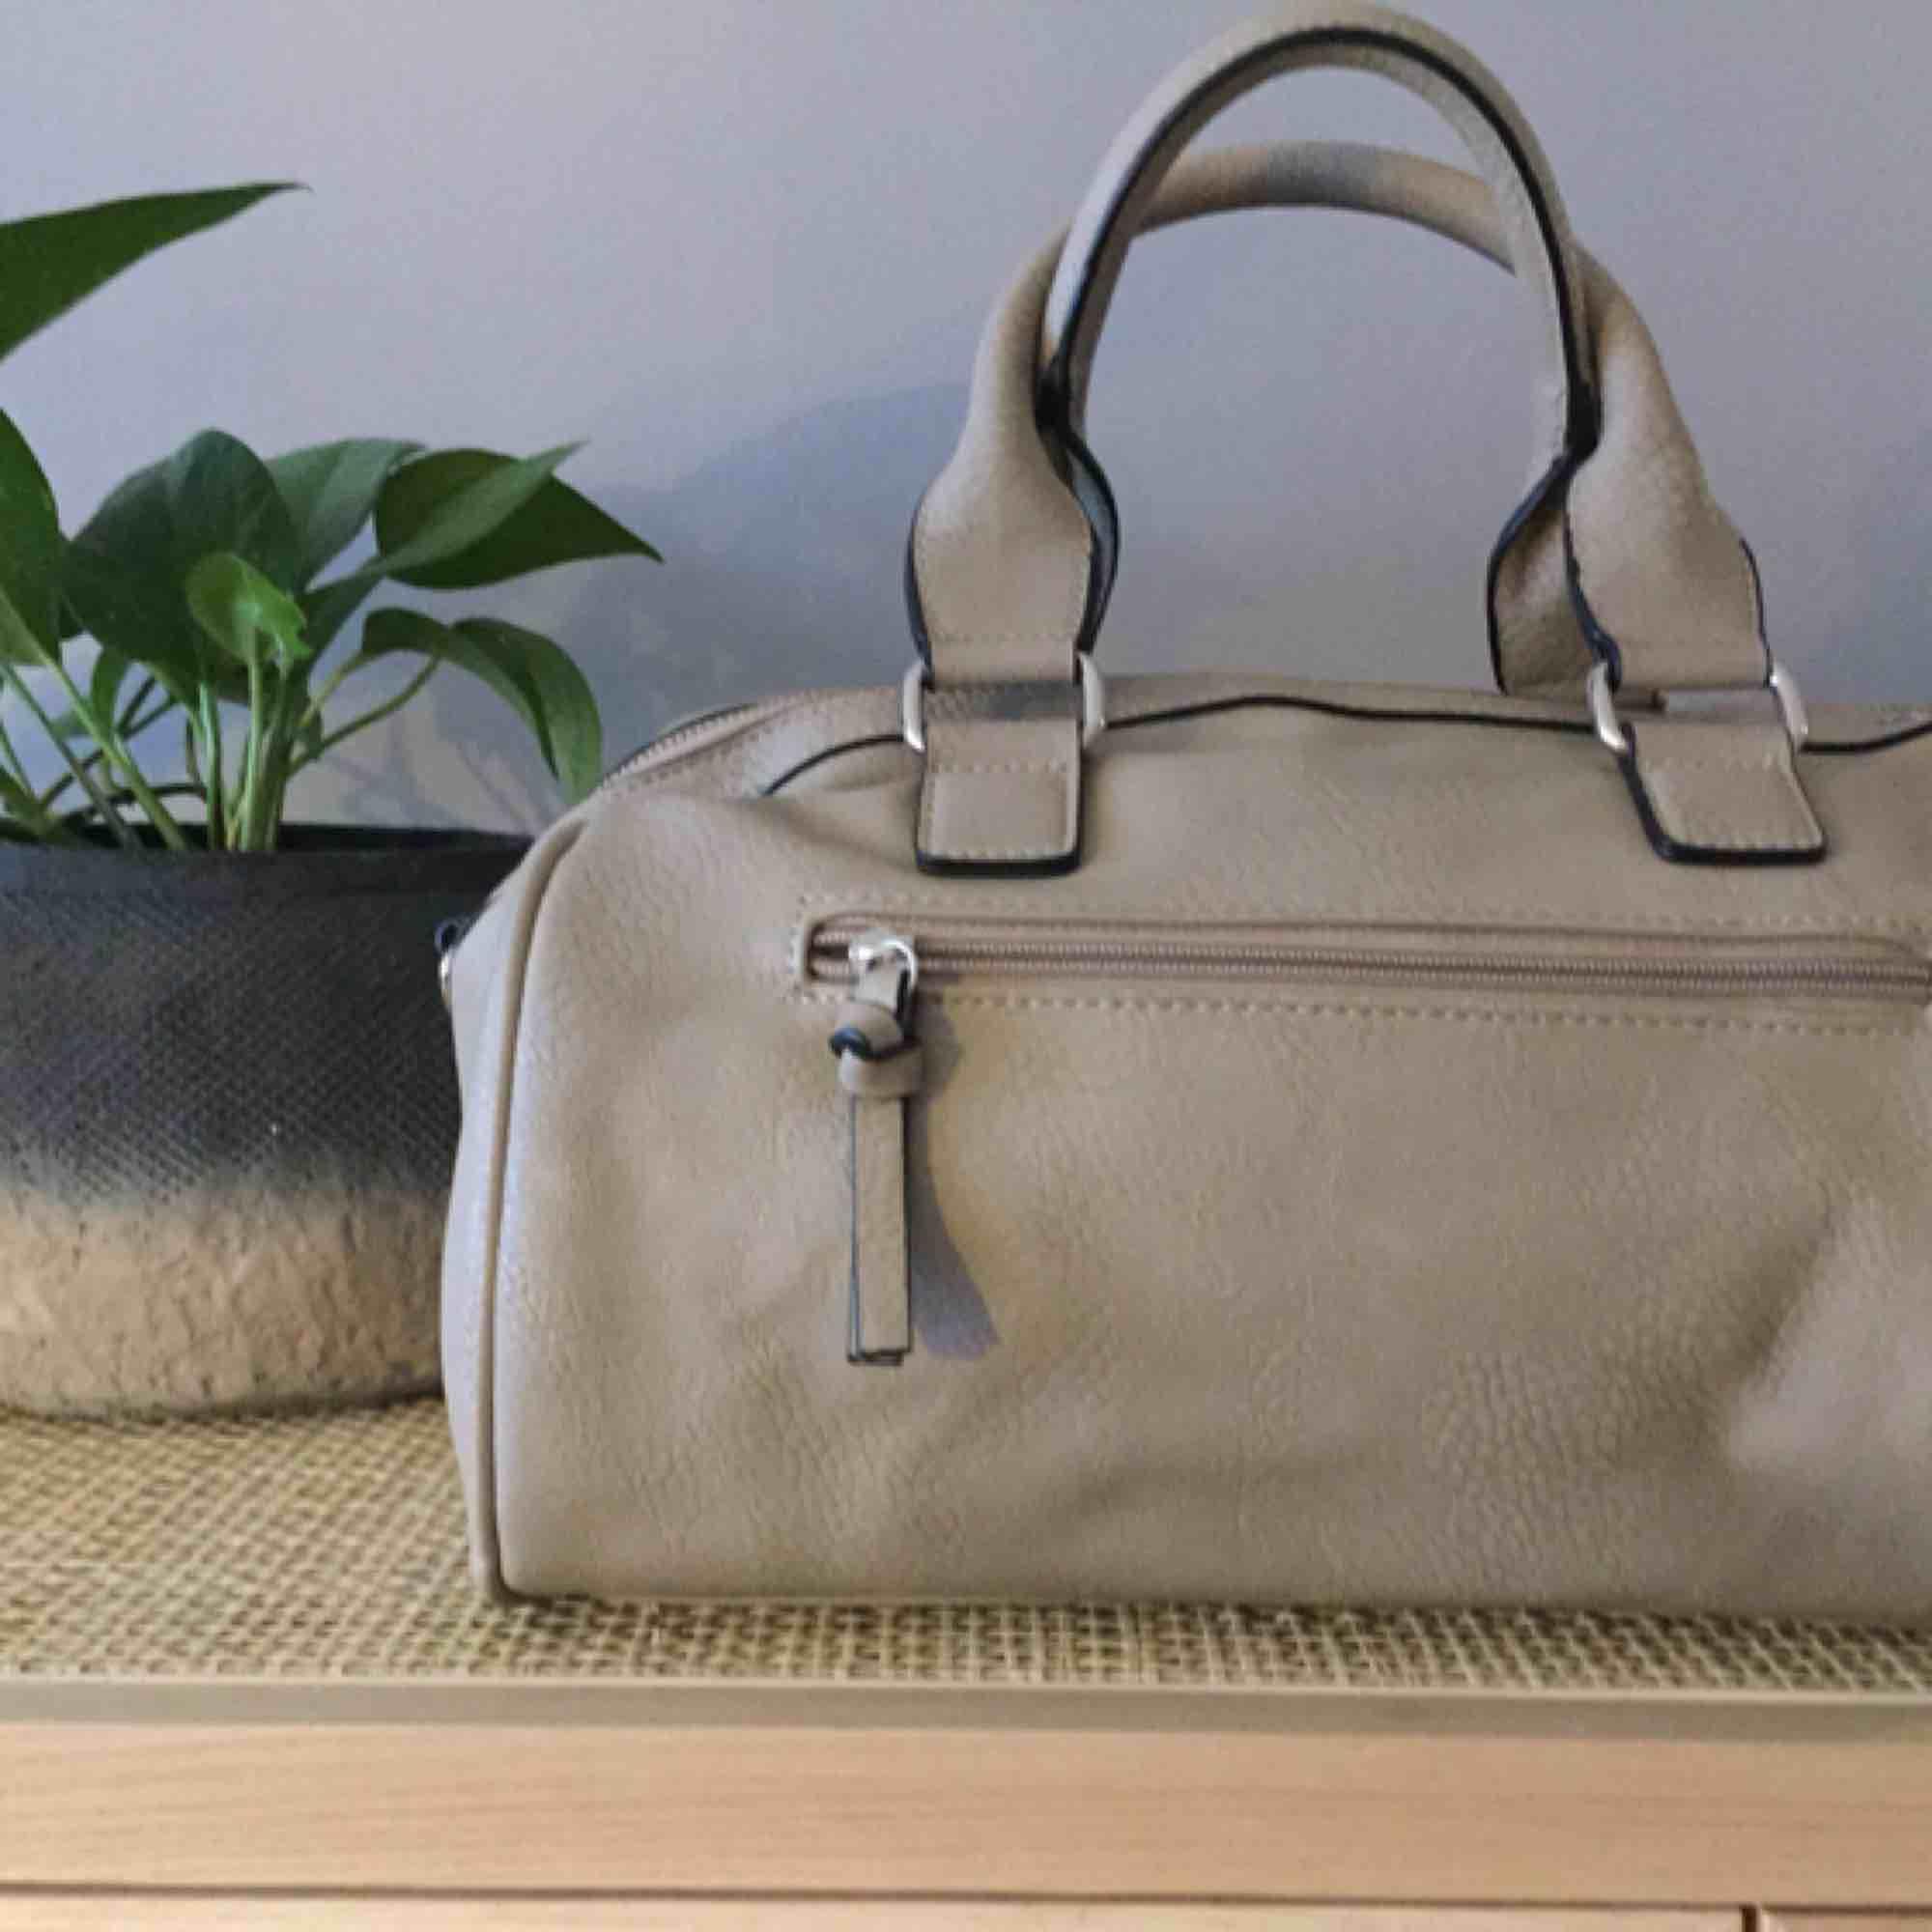 Väska i nyskick! Inget att anmärka på.  Långt band kan sättas på om man vill ha den som axelbandsväska.  . Accessoarer.